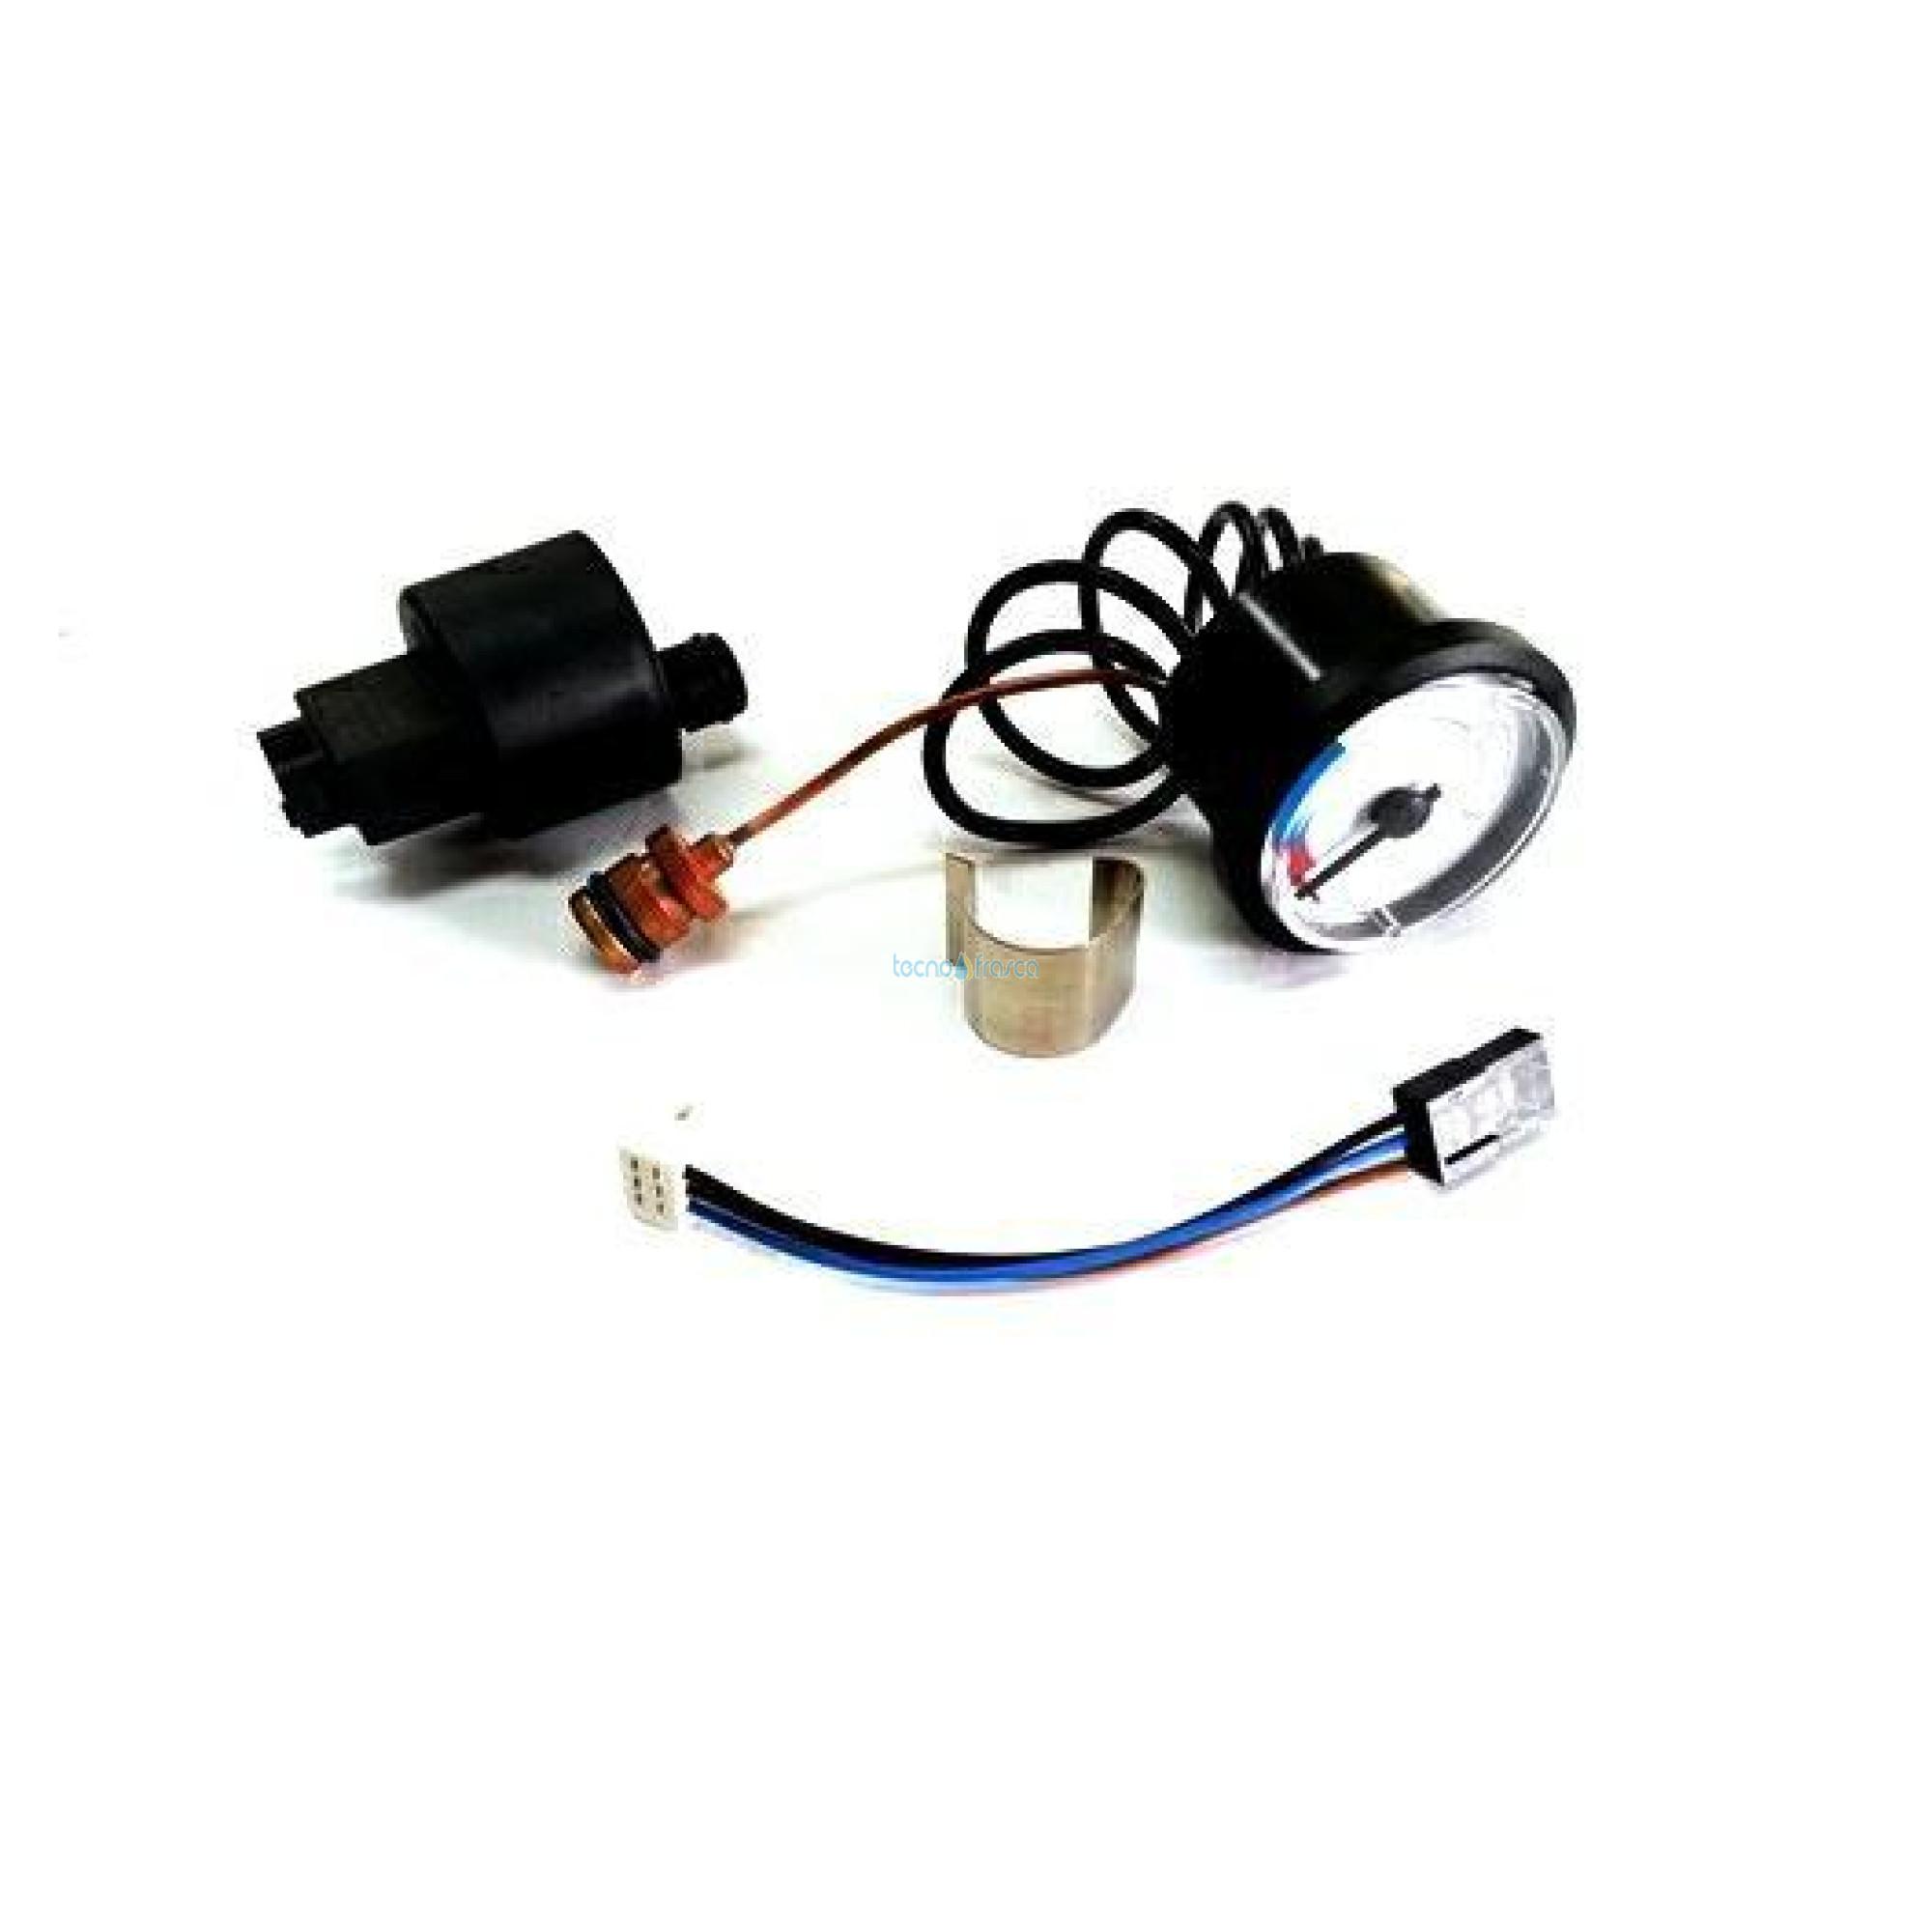 Beretta kit trasduttore di pressione R10025833